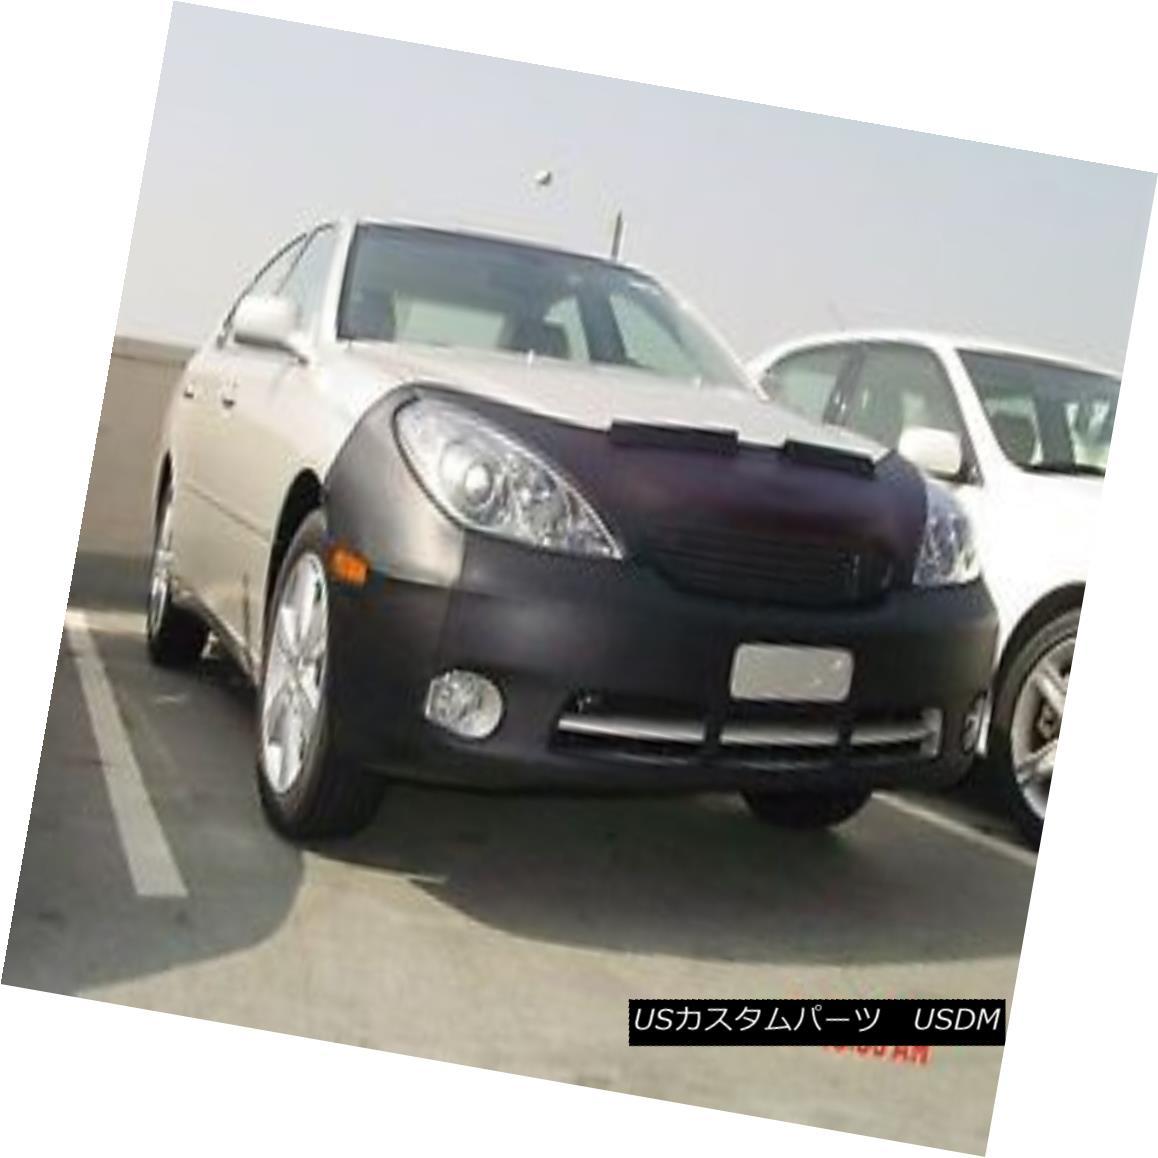 フルブラ ノーズブラ Colgan Front End Mask Bra 2pc. Fits Lexus ES330 Sedan 2004-2006 W/O Lic.Plate コルガンフロントエンドマスクブラ2pc Lexus ES330 Sedan 2004-2006 W / O Lic.Plateに適合